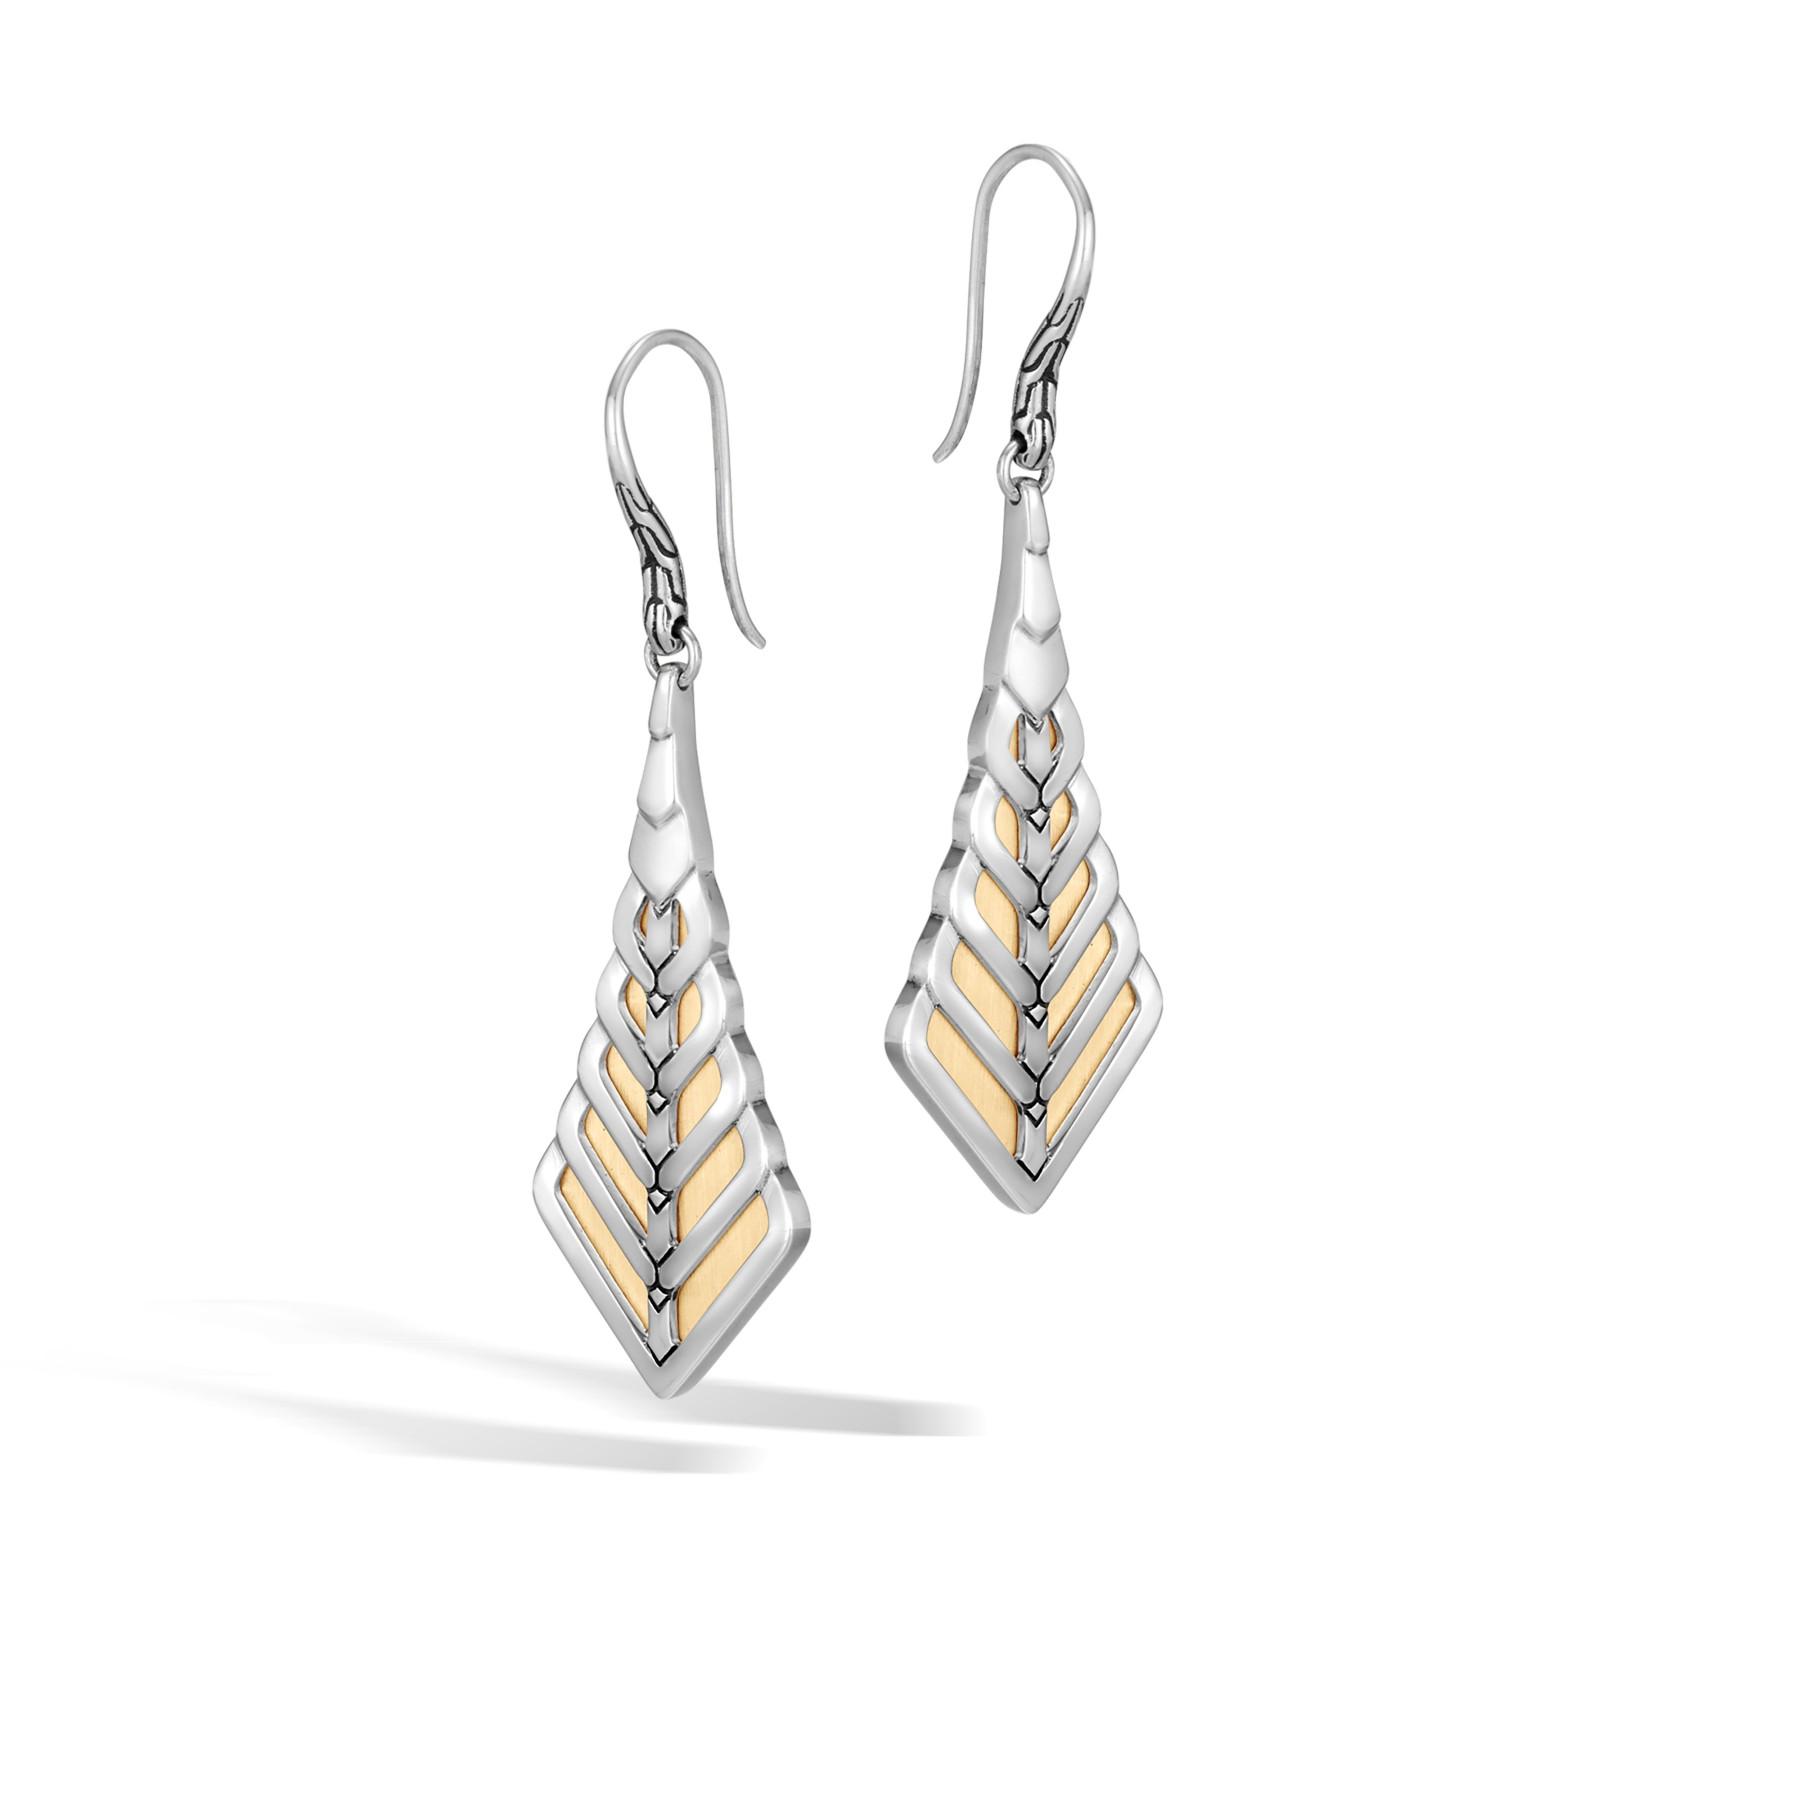 John Hardy Modern Chain French Wire Drop Earrings in